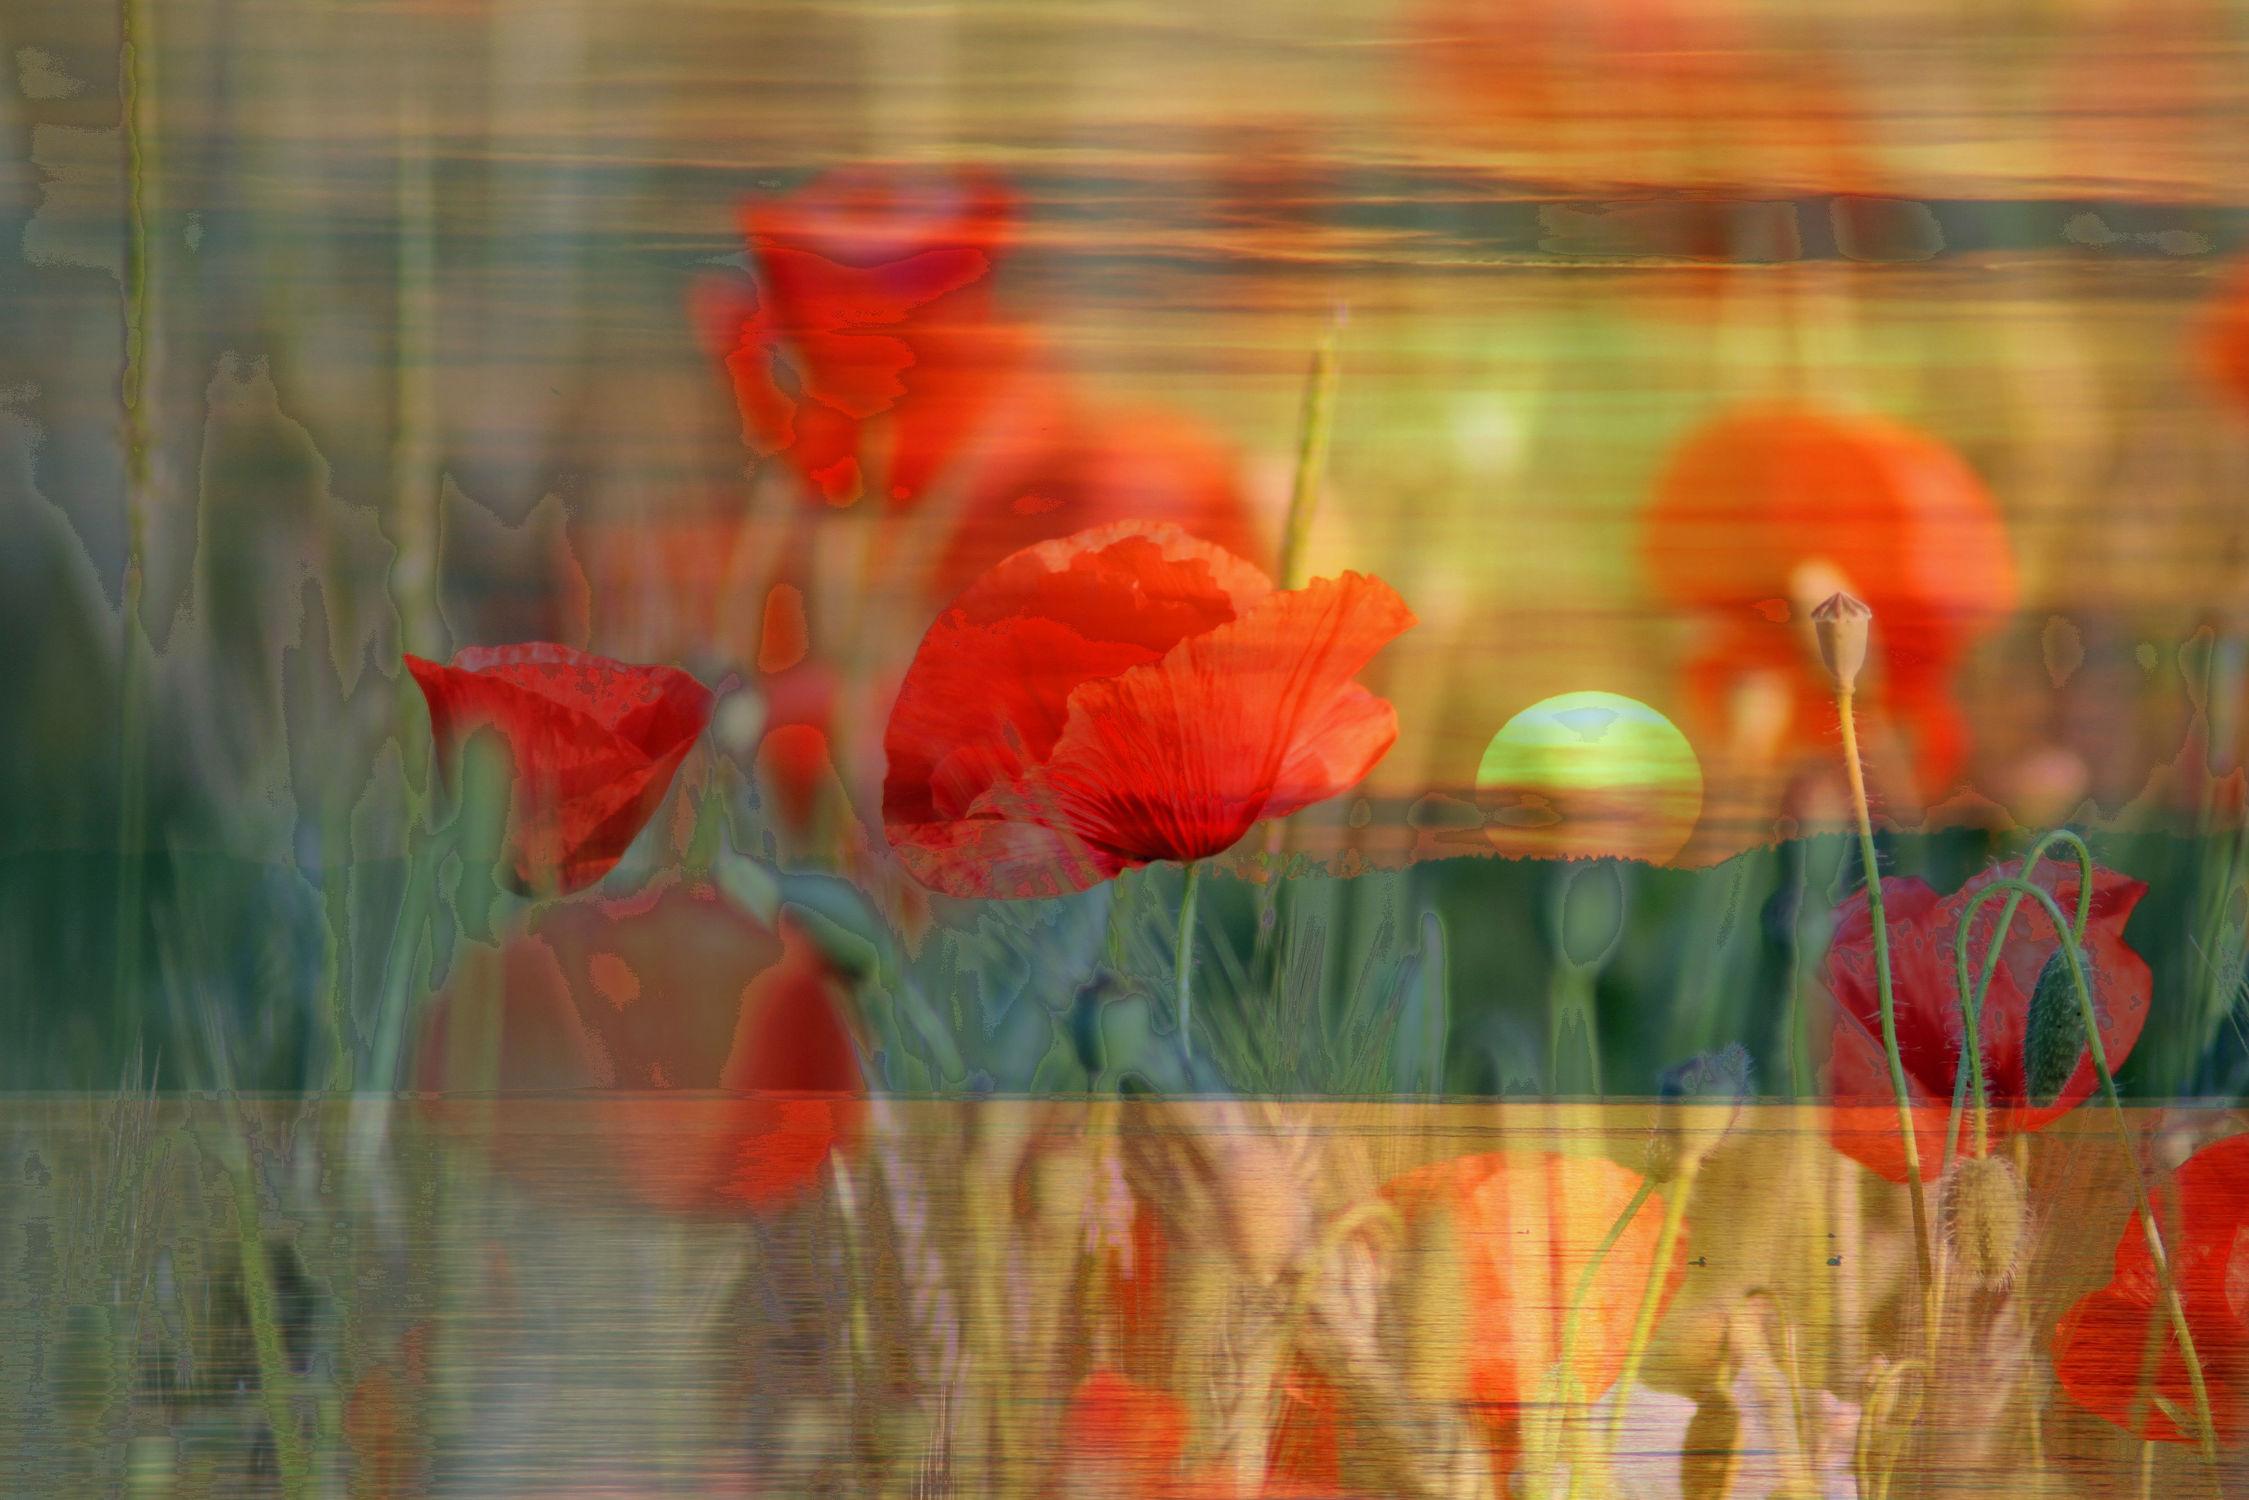 Bild mit Gewässer, Blumen, Sonnenaufgang, Mohn, Meer, Blume, See, Sonnenuntergänge, Am Meer, Mohnblumen